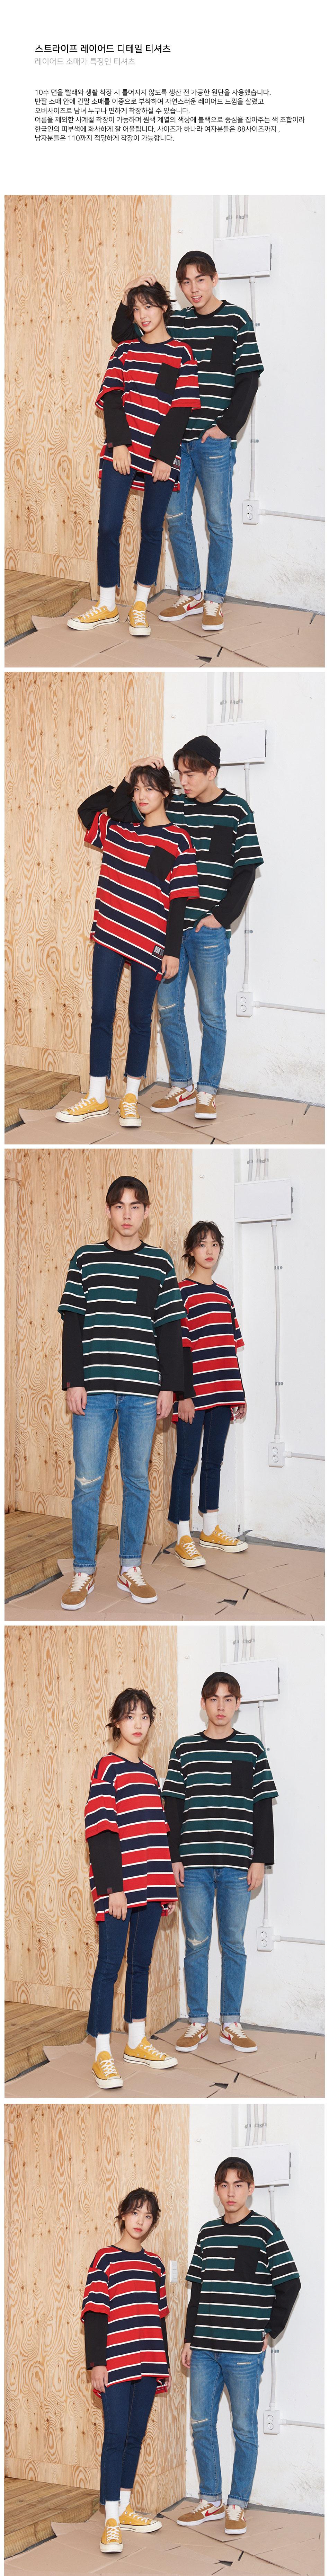 1스트라이프-레이어드-티셔츠-초록_02.jpg